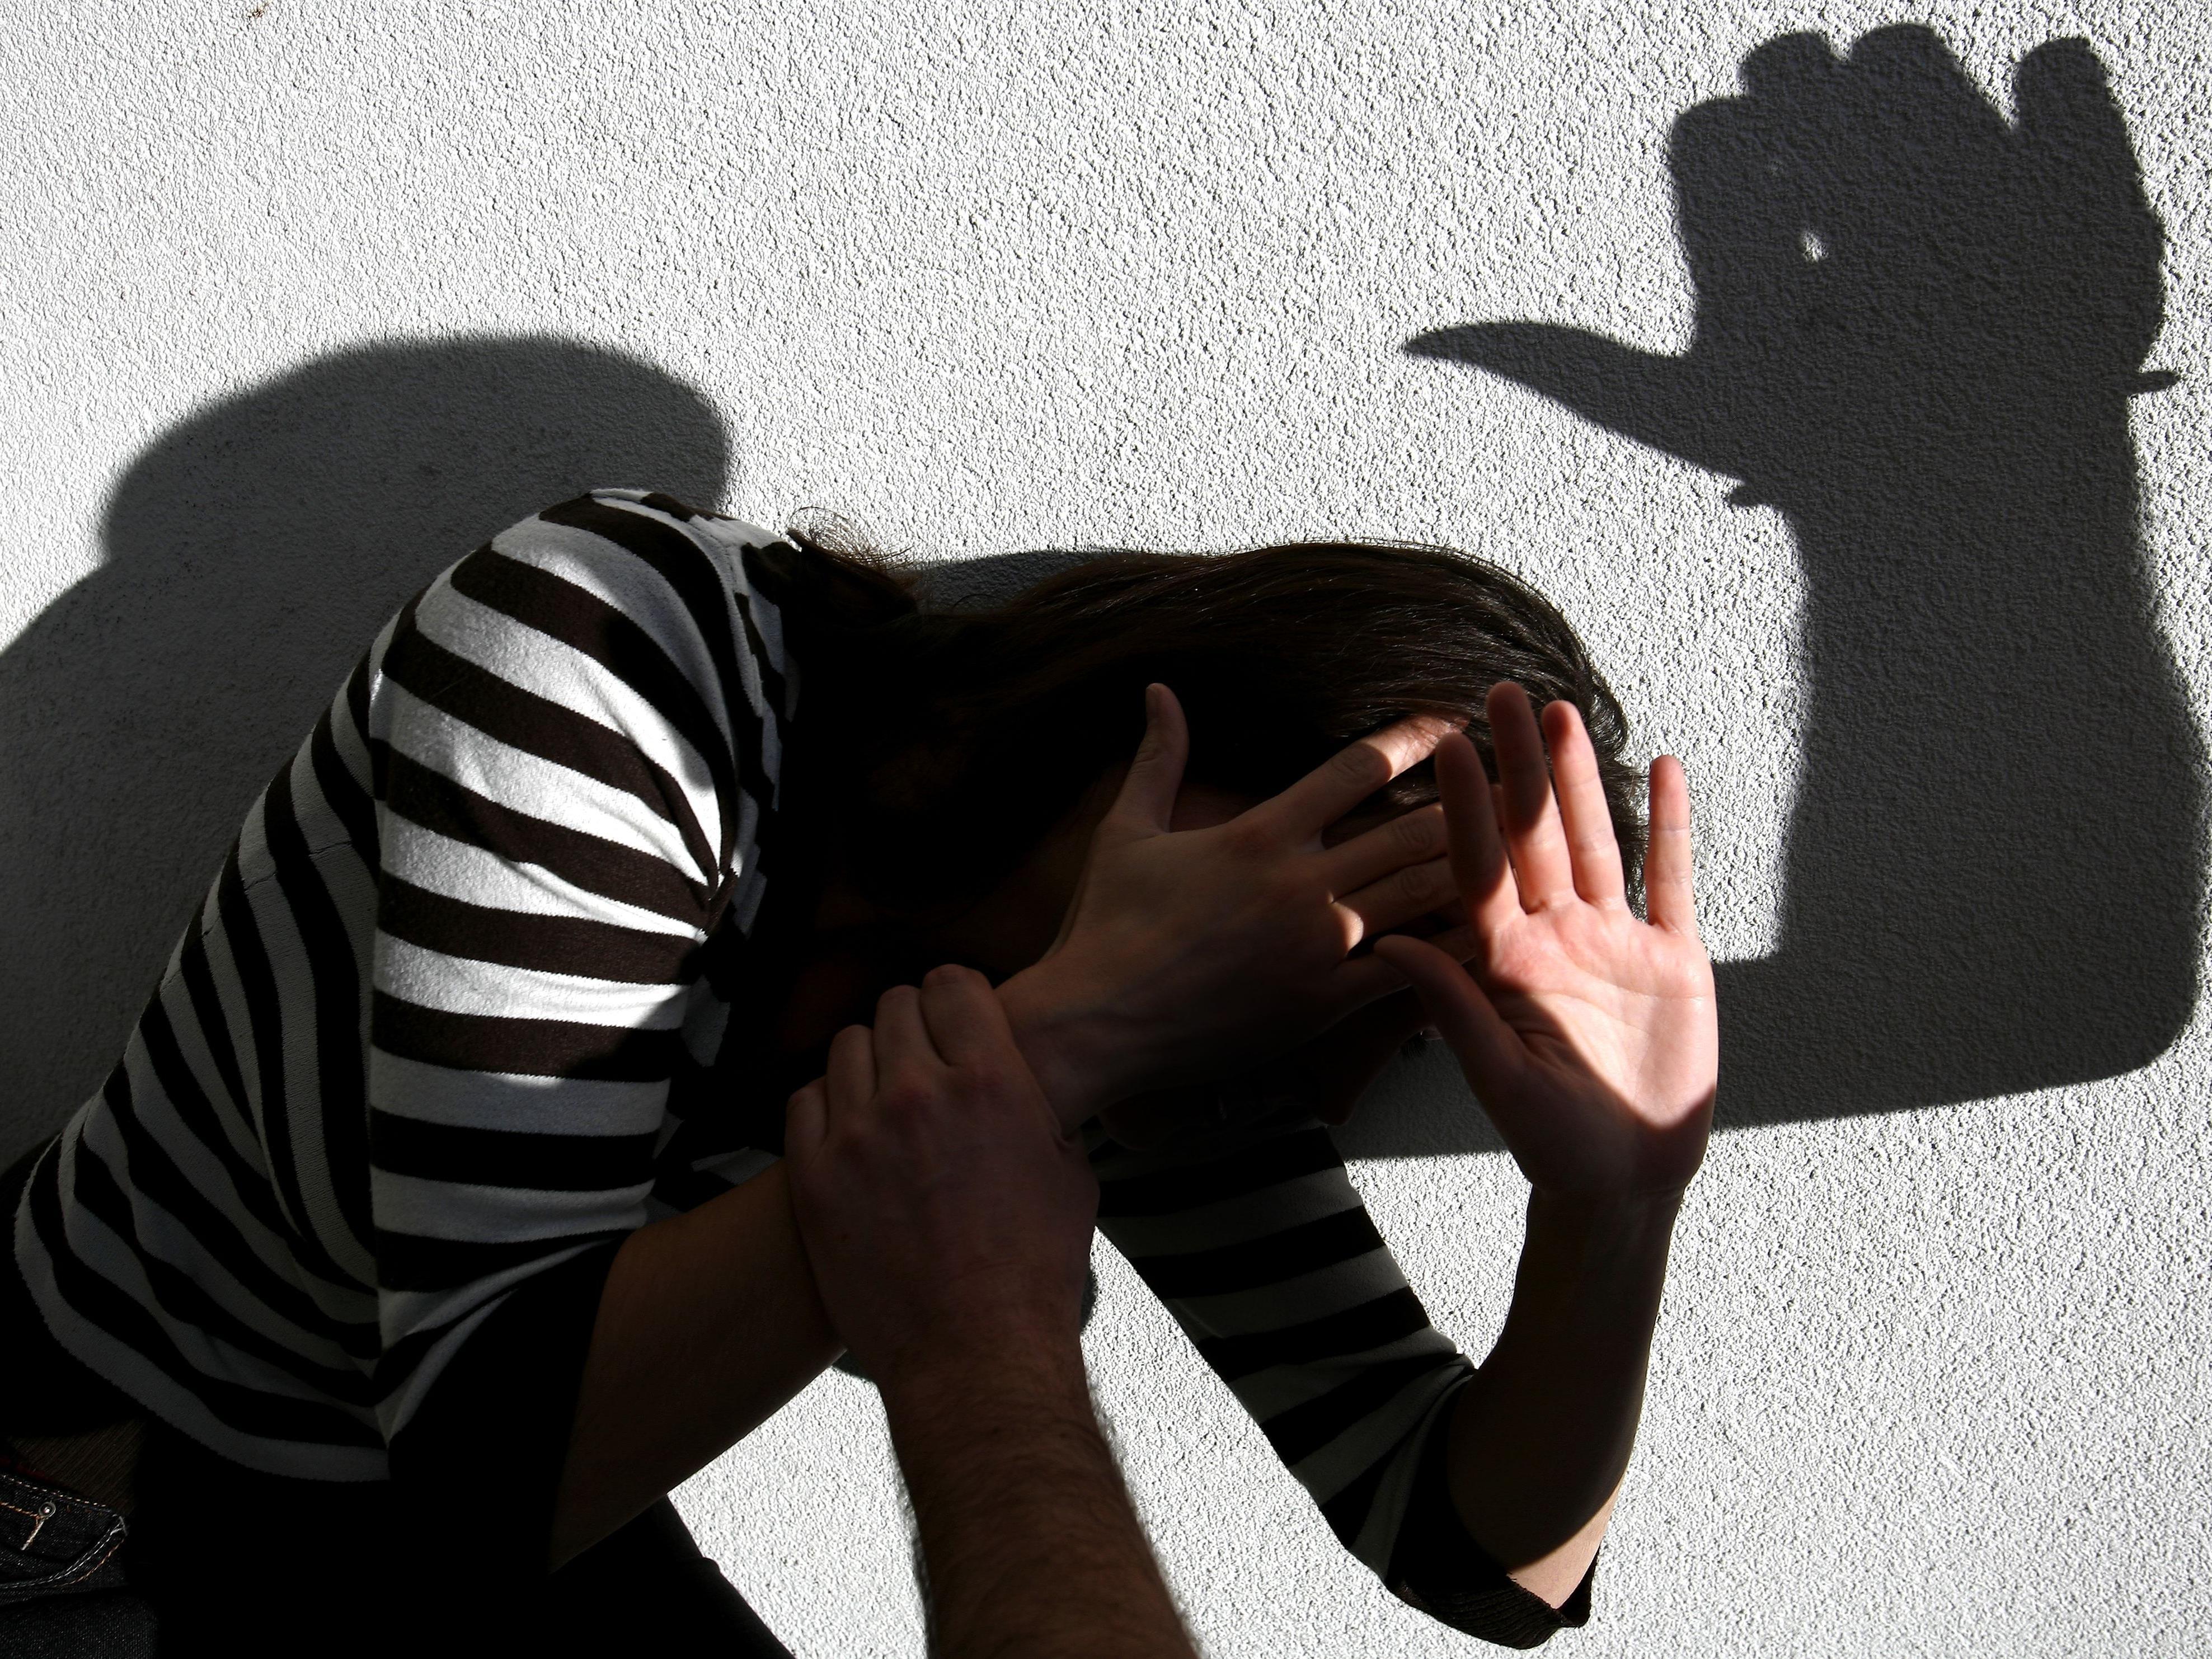 Gewalt gegen Frauen ist immer noch ein brisantes Thema.